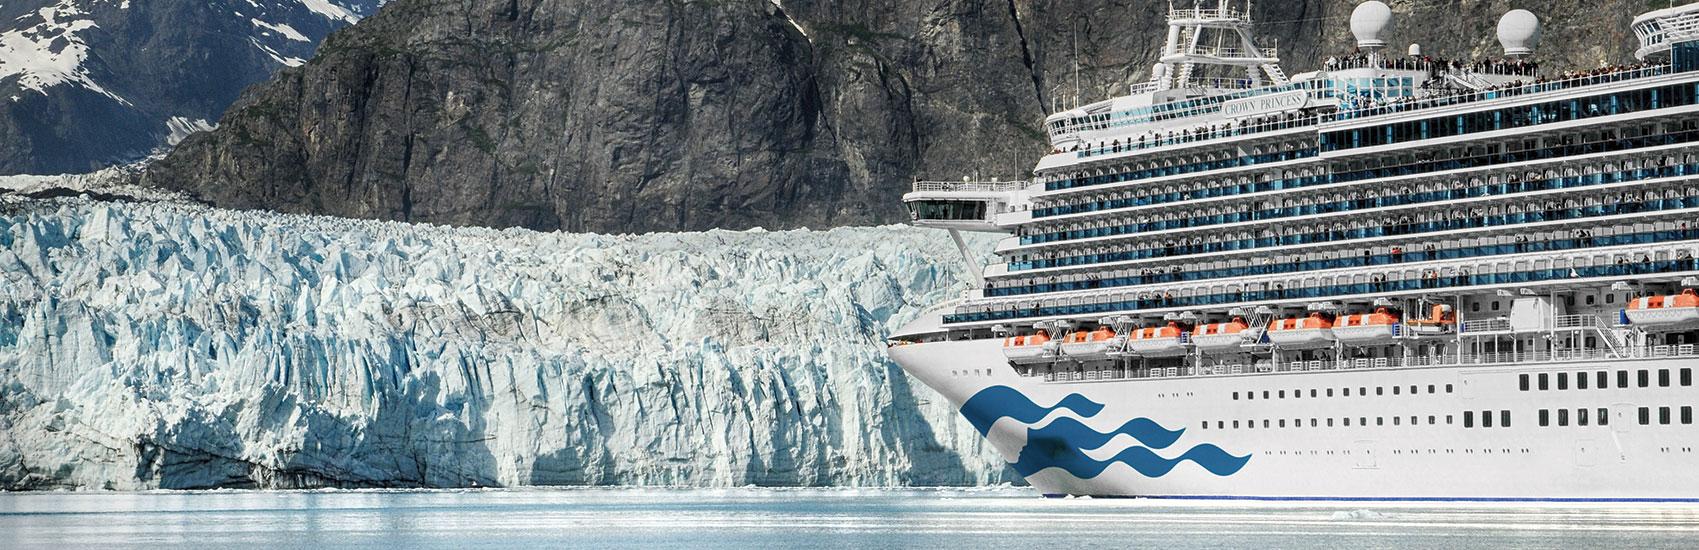 Les soldes « Folie automnale » avec Princess Cruises 1